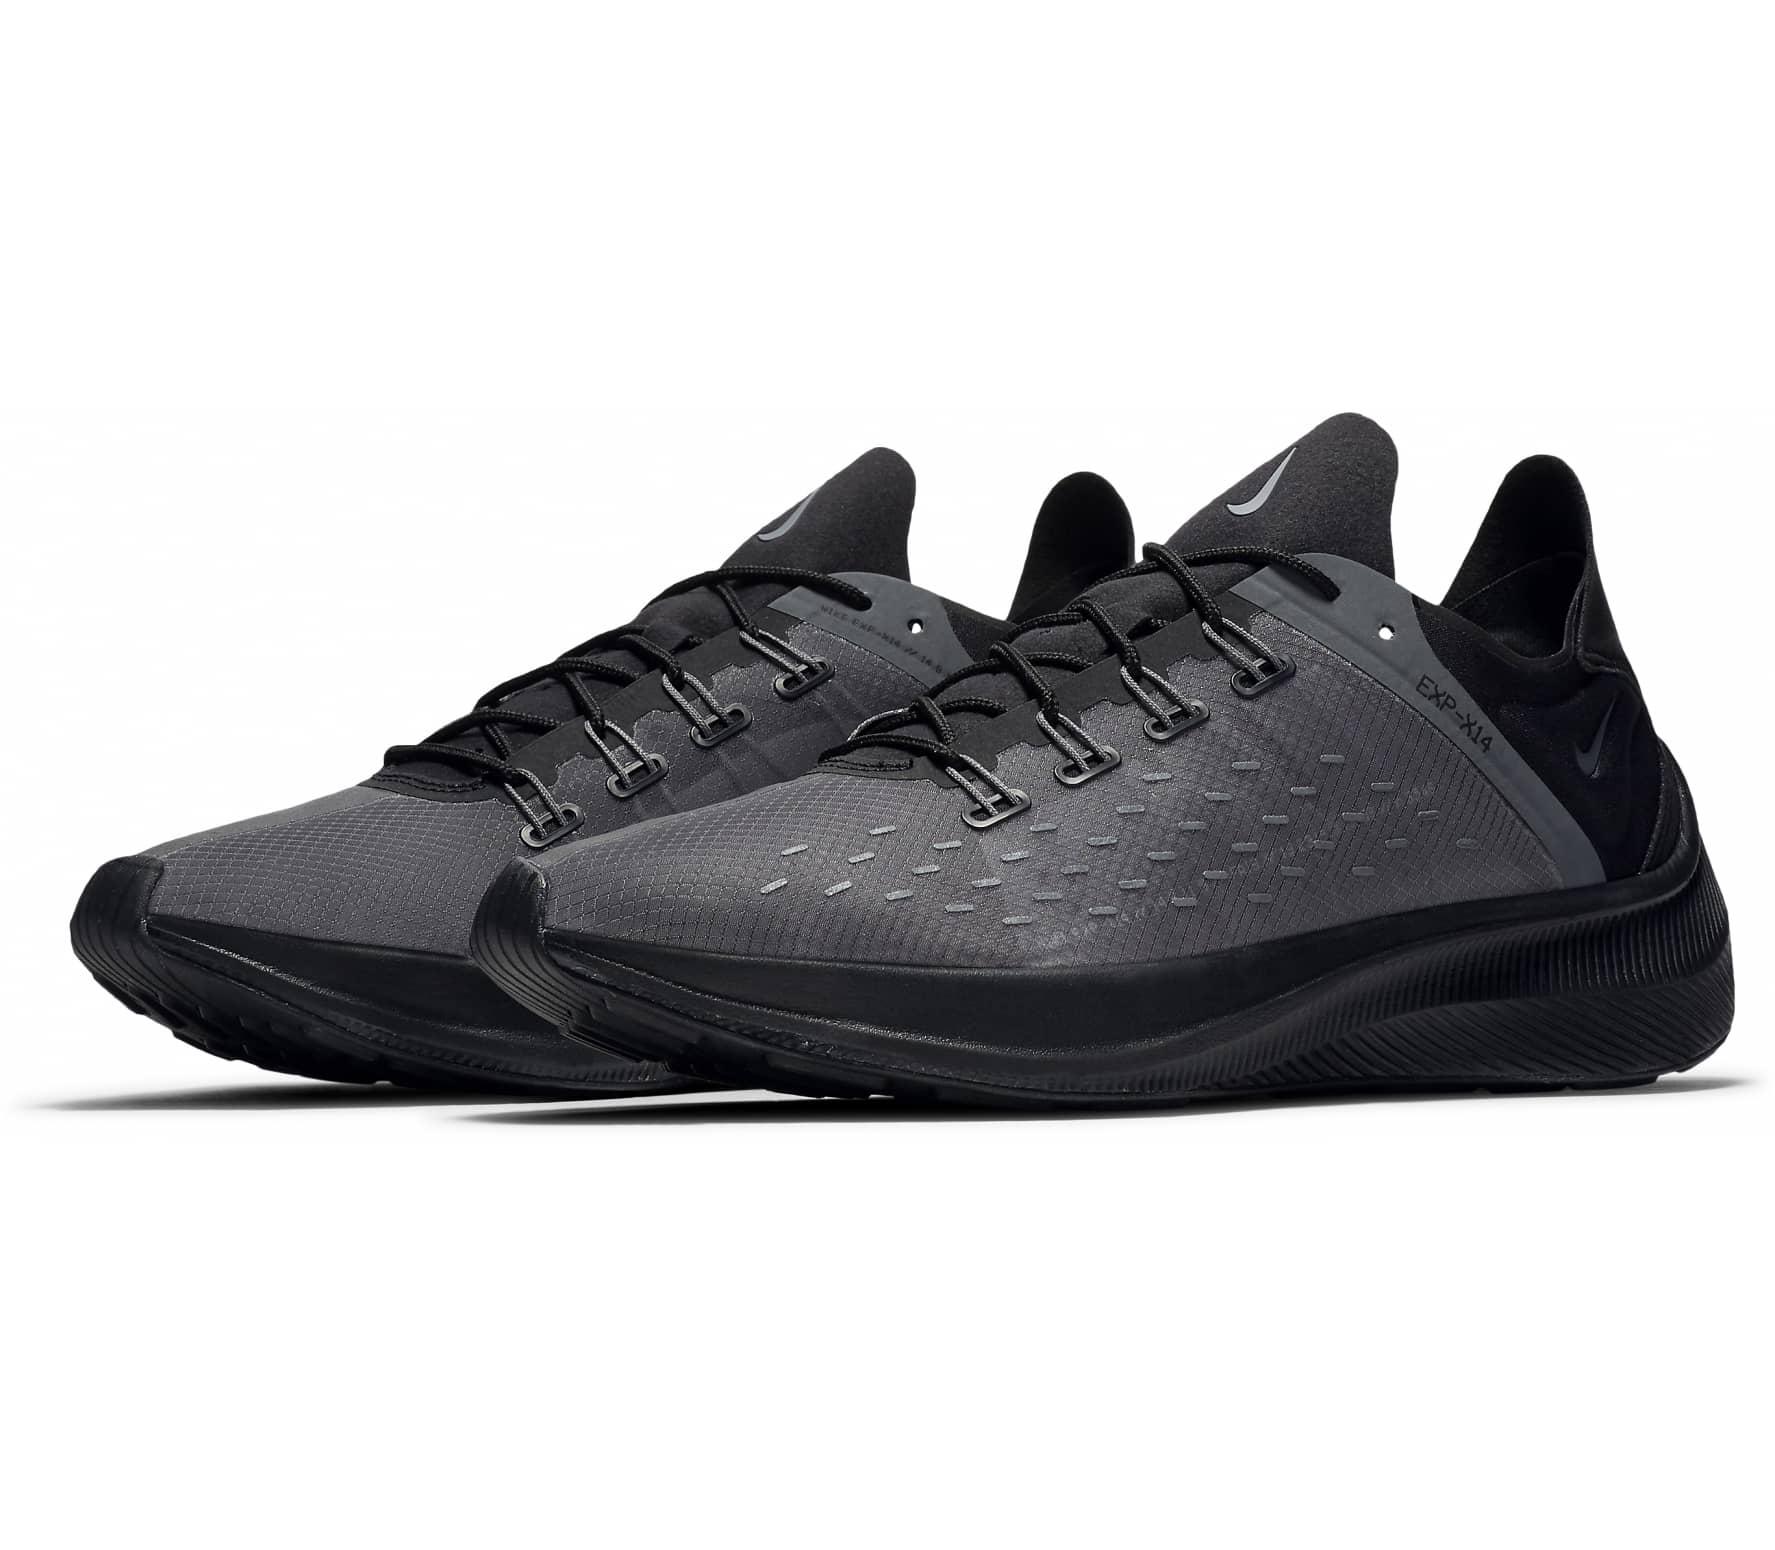 Nike EXP-X14 (schwarz) zum Bestpreis / andere Farben ab 57,90€